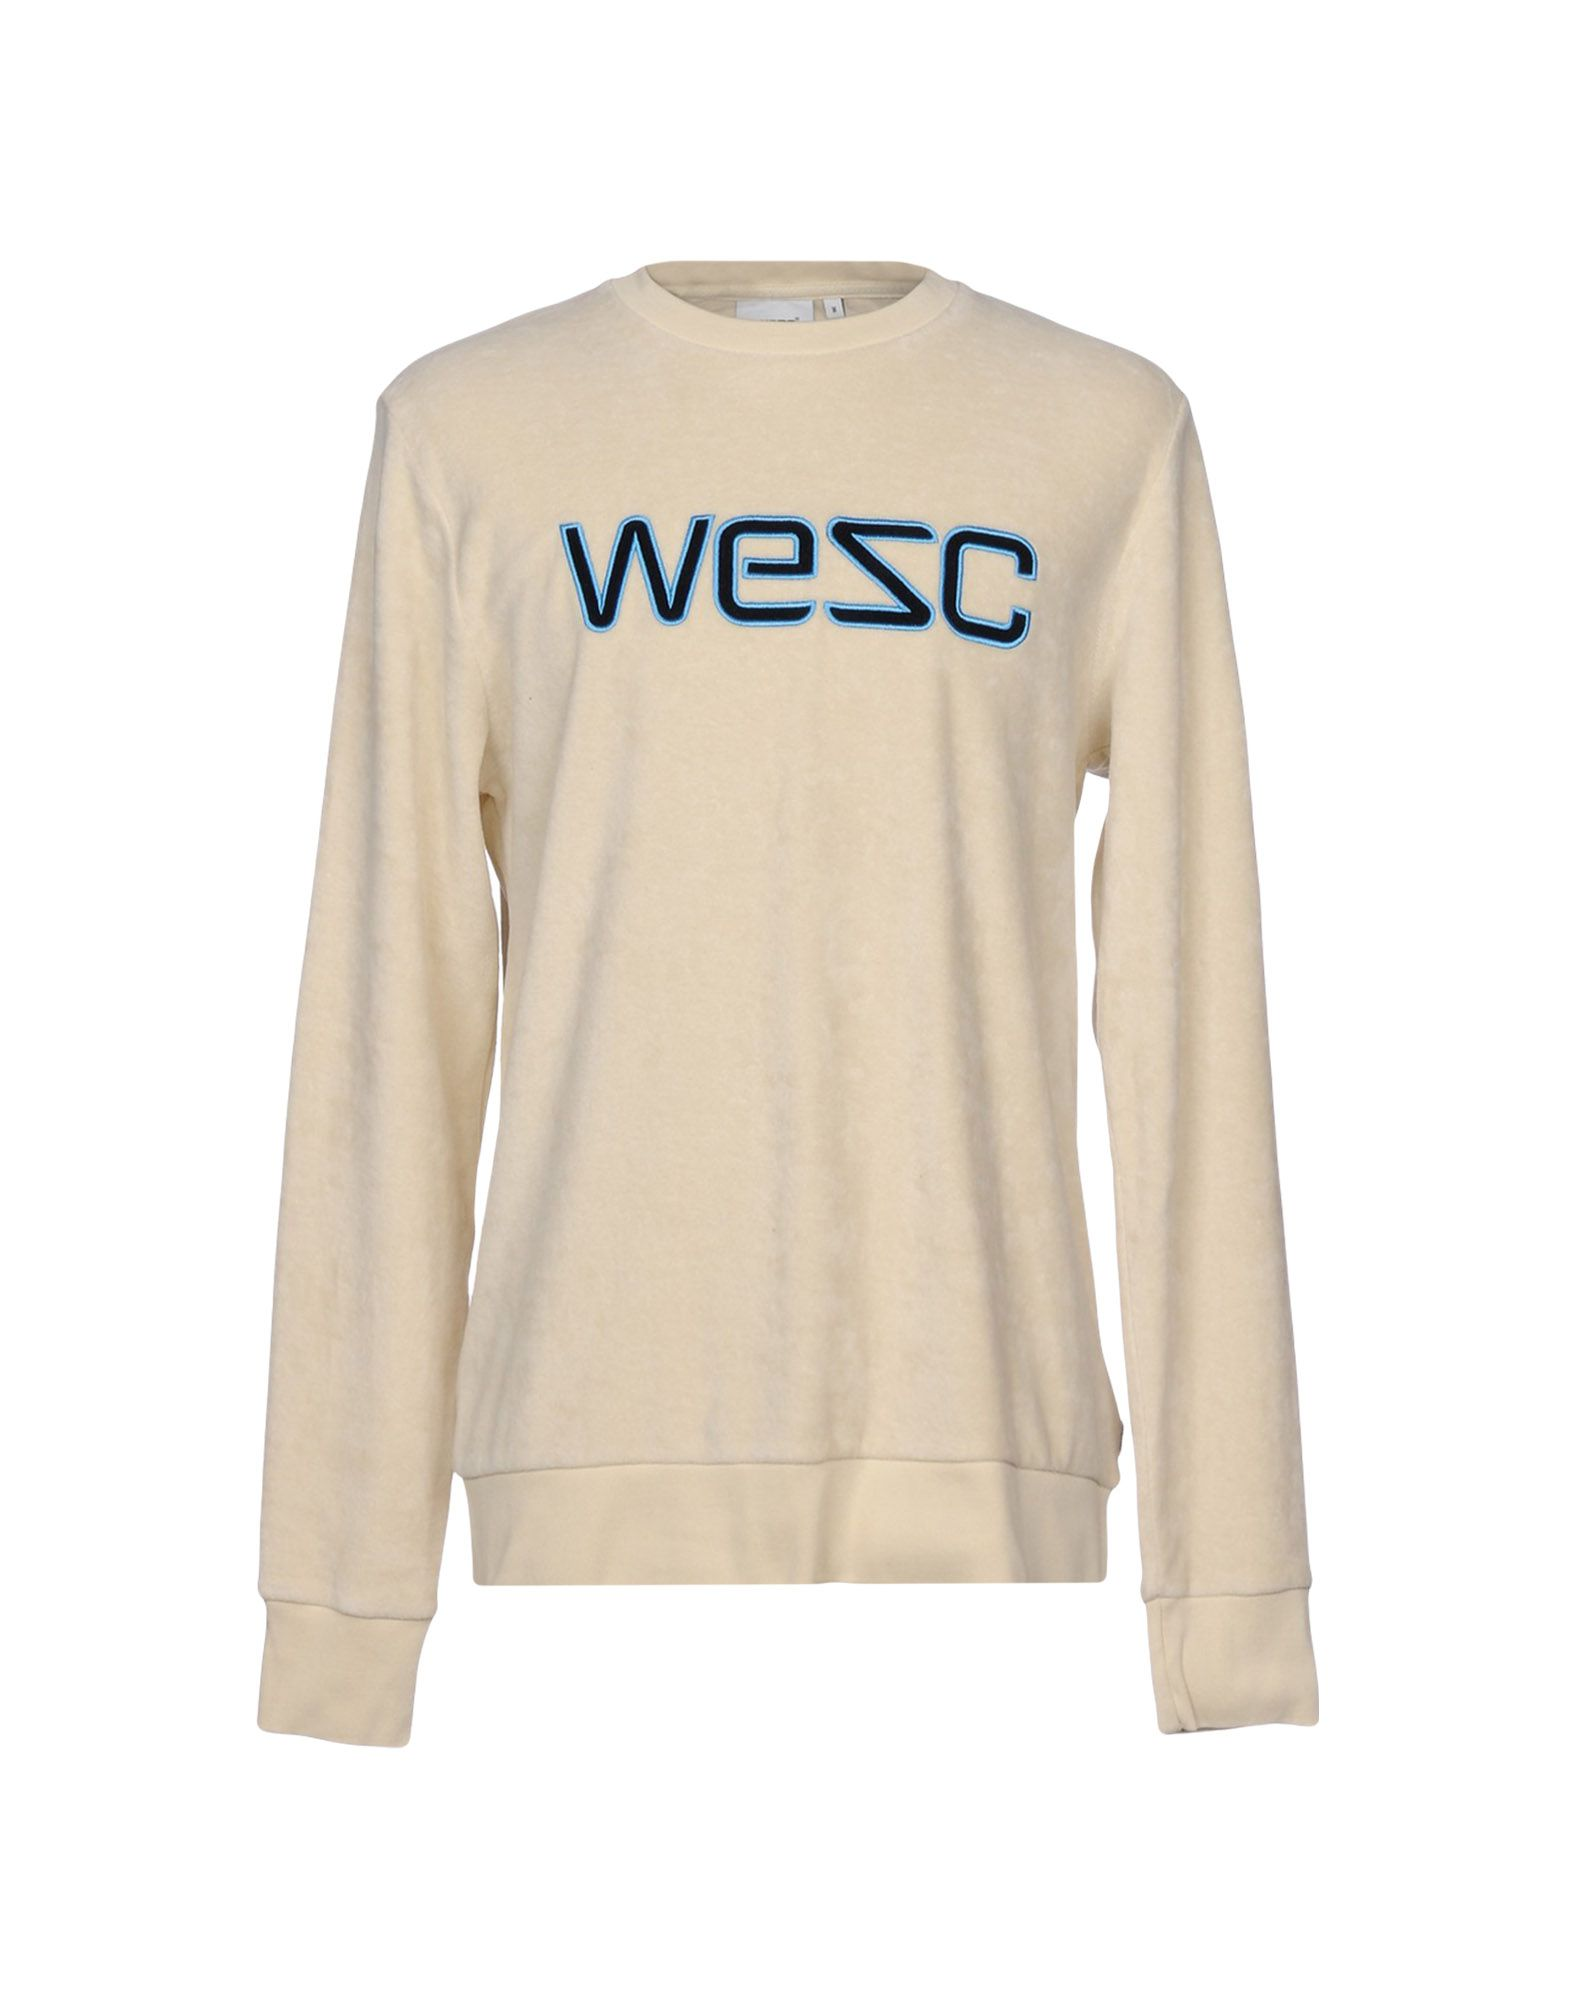 WESC Толстовка одед шенкар имитаторы как компании заимствуют и перерабатывают чужие идеи